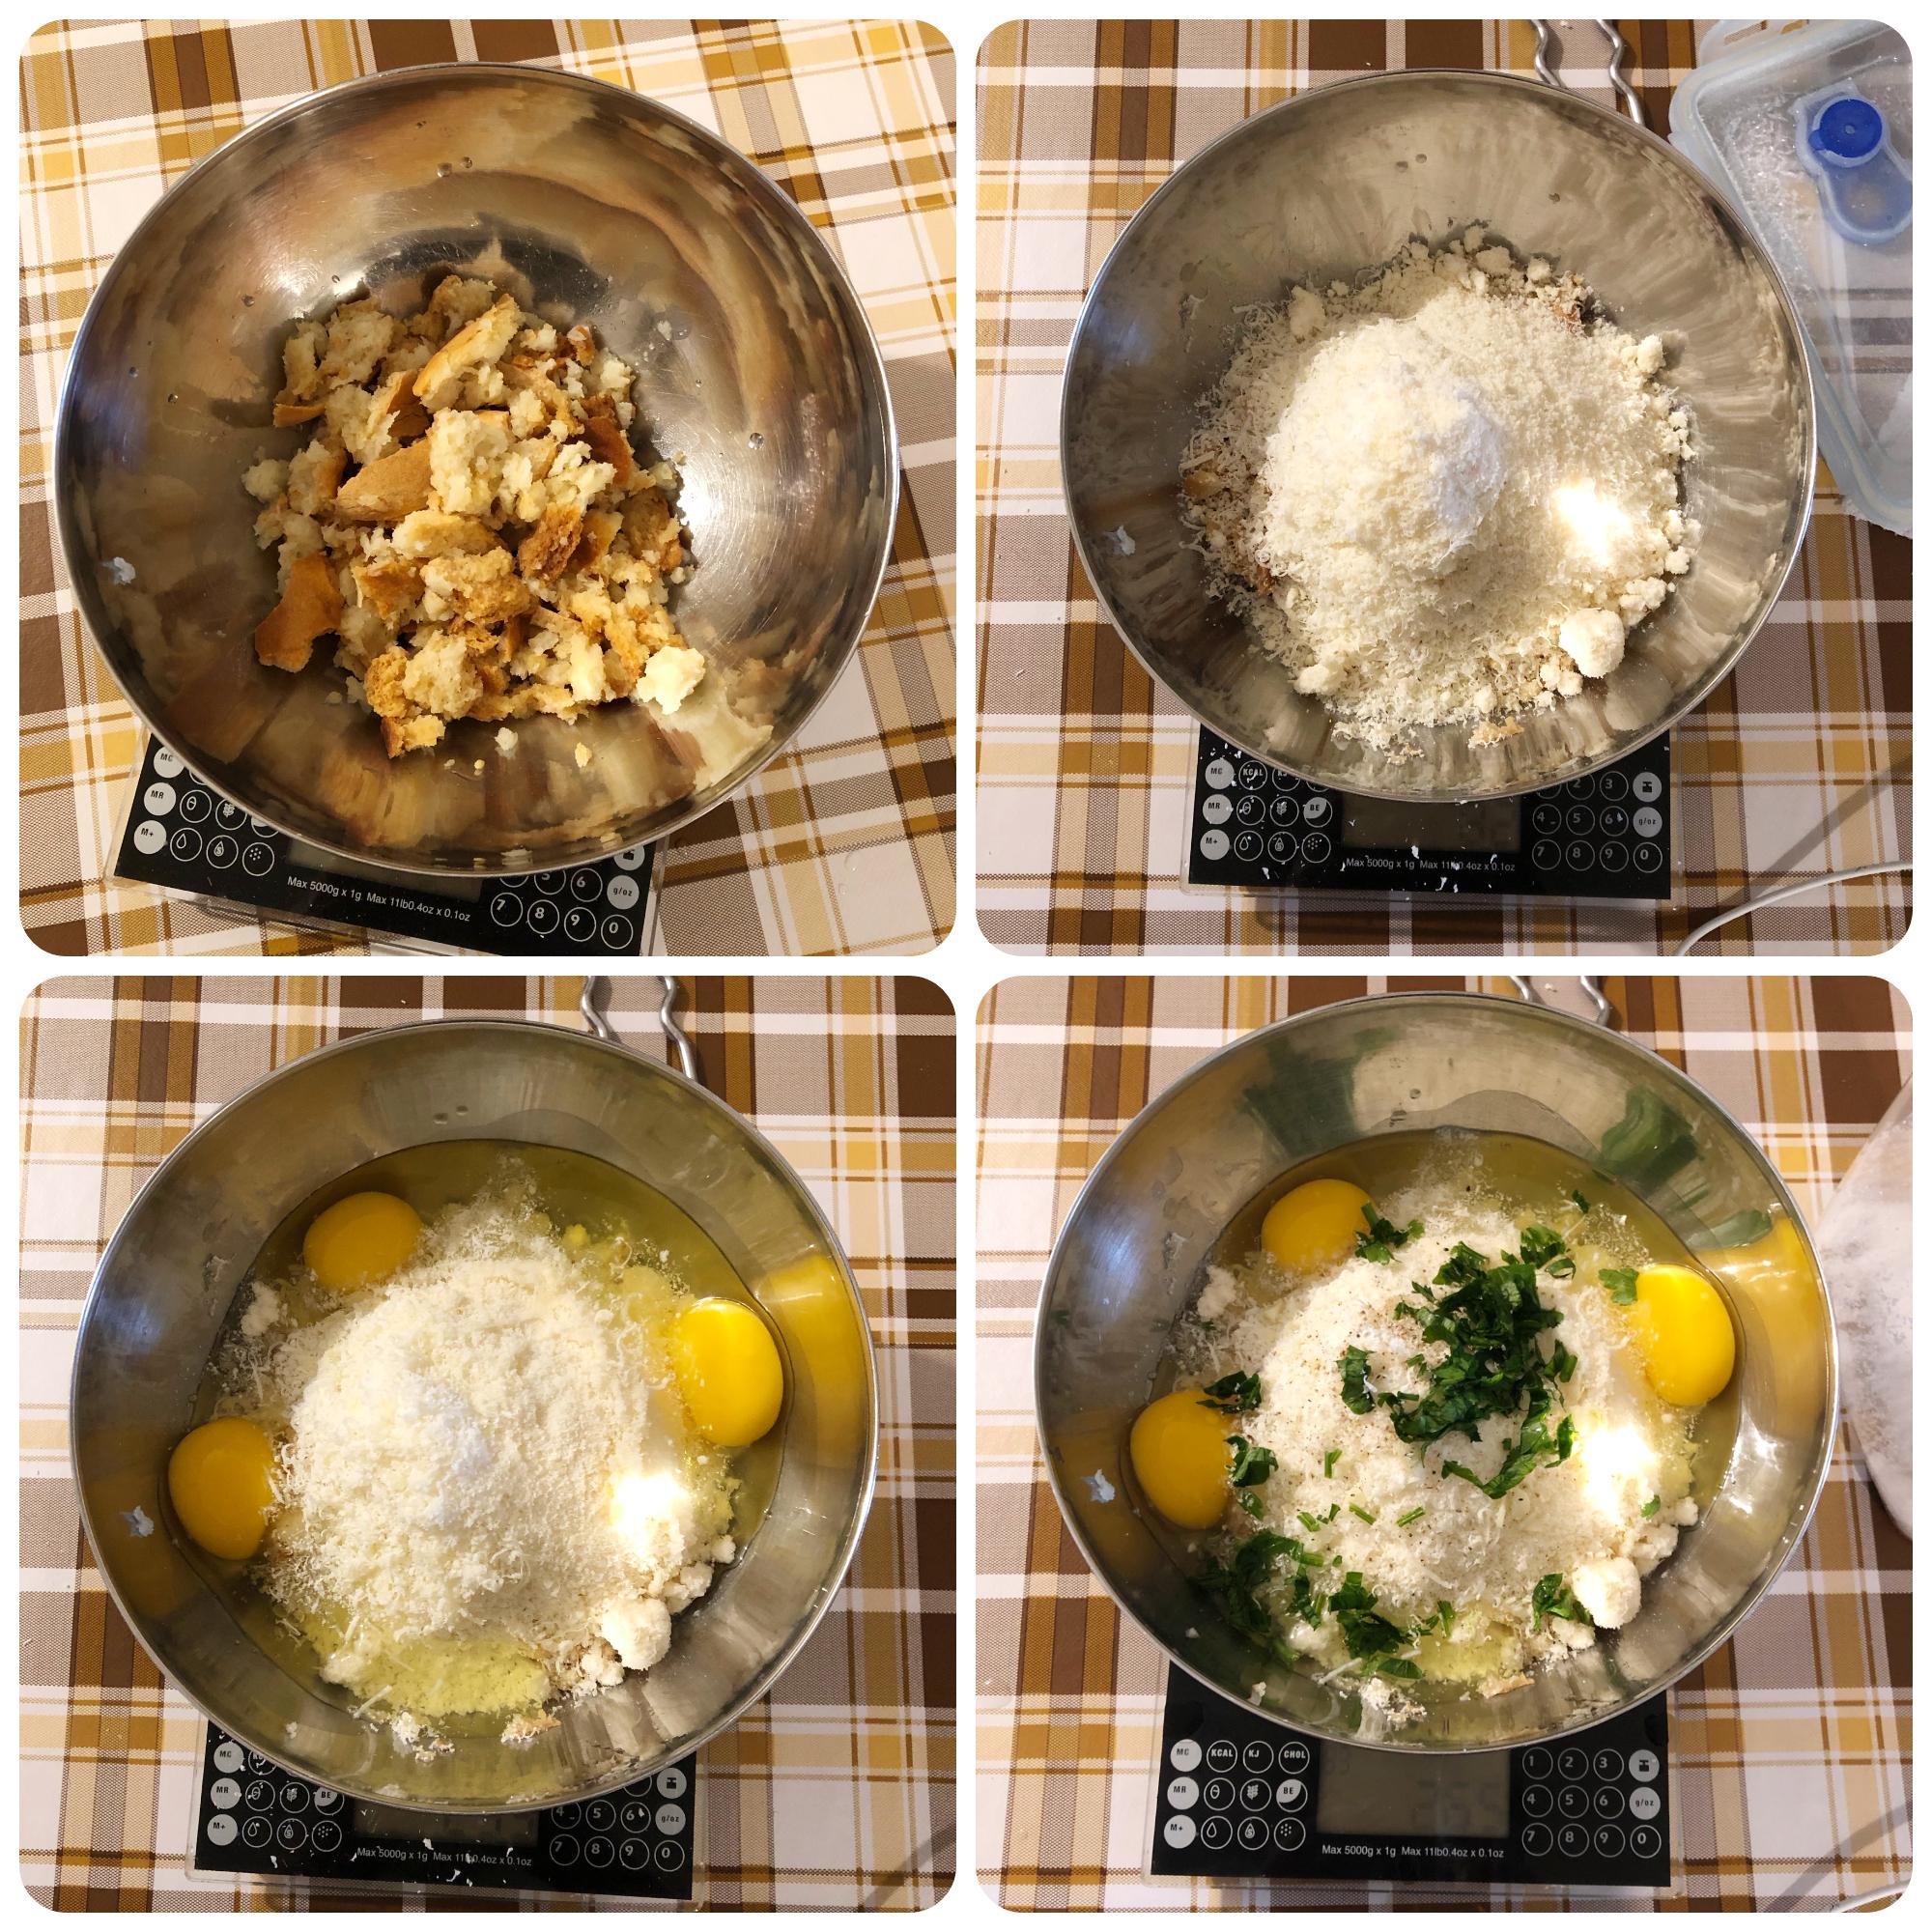 Polpette di pane e uova fasi